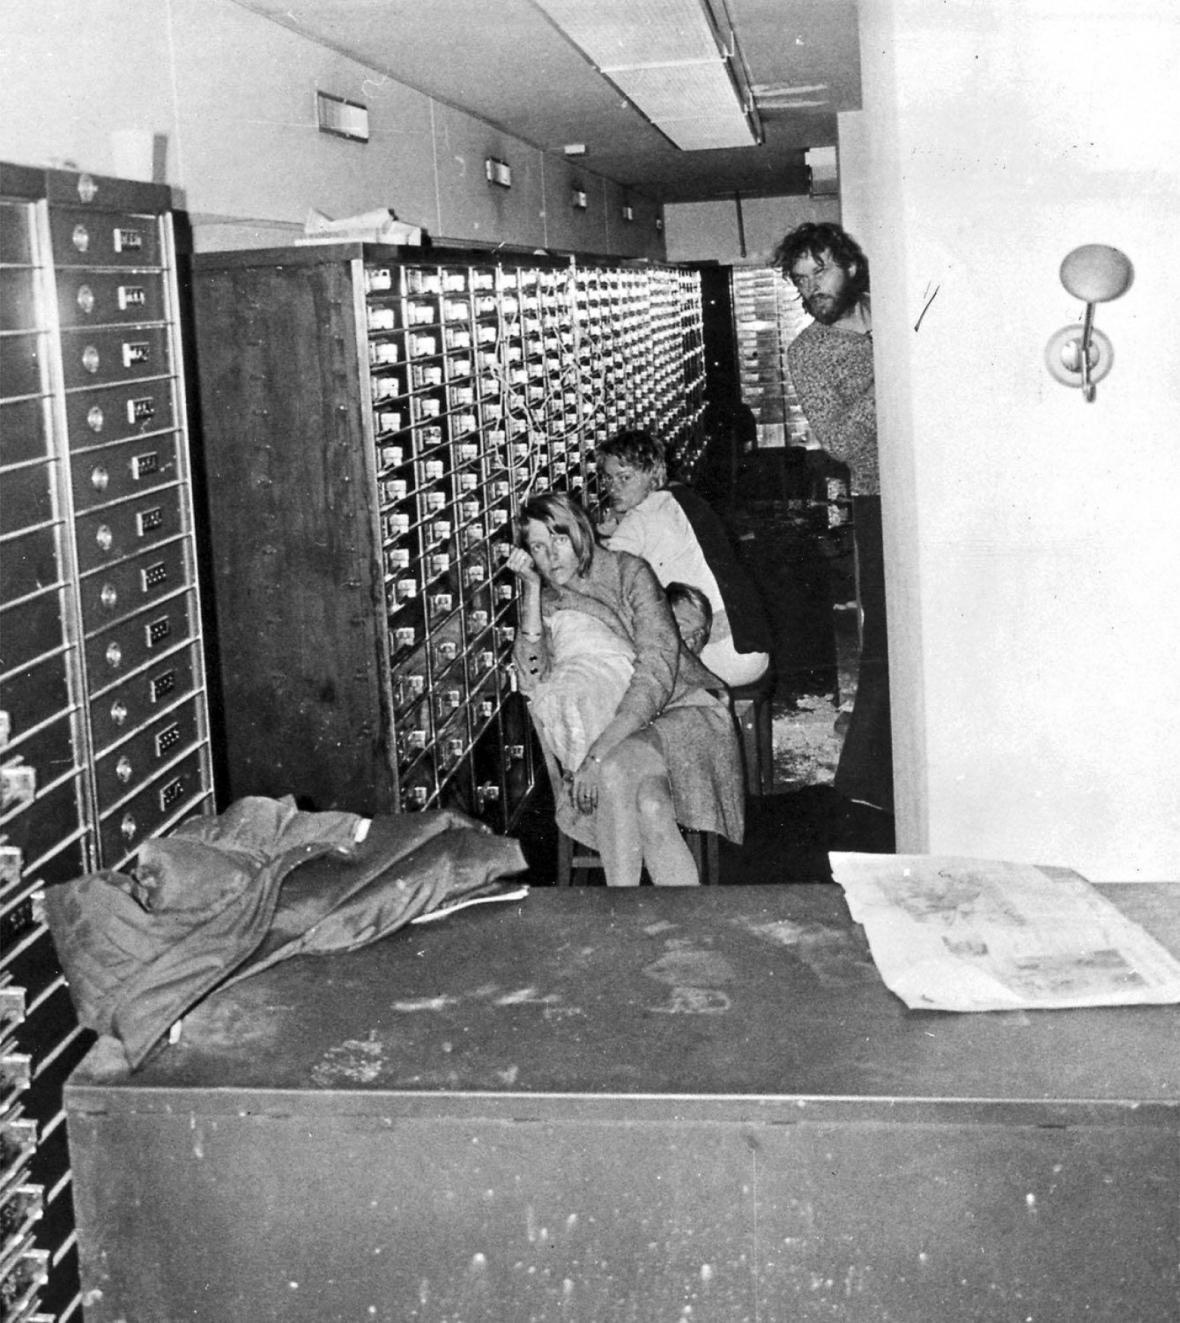 Na policejním fotu z 23. srpna 1973 bankovní lupič Clark Olofsson (vpravo) se dvěma rukojmími v trezoru banky. Snímek byl pořízen kamerou, která byla spuštěna dírou vyvrtanou ve stropě bankovního trezoru.